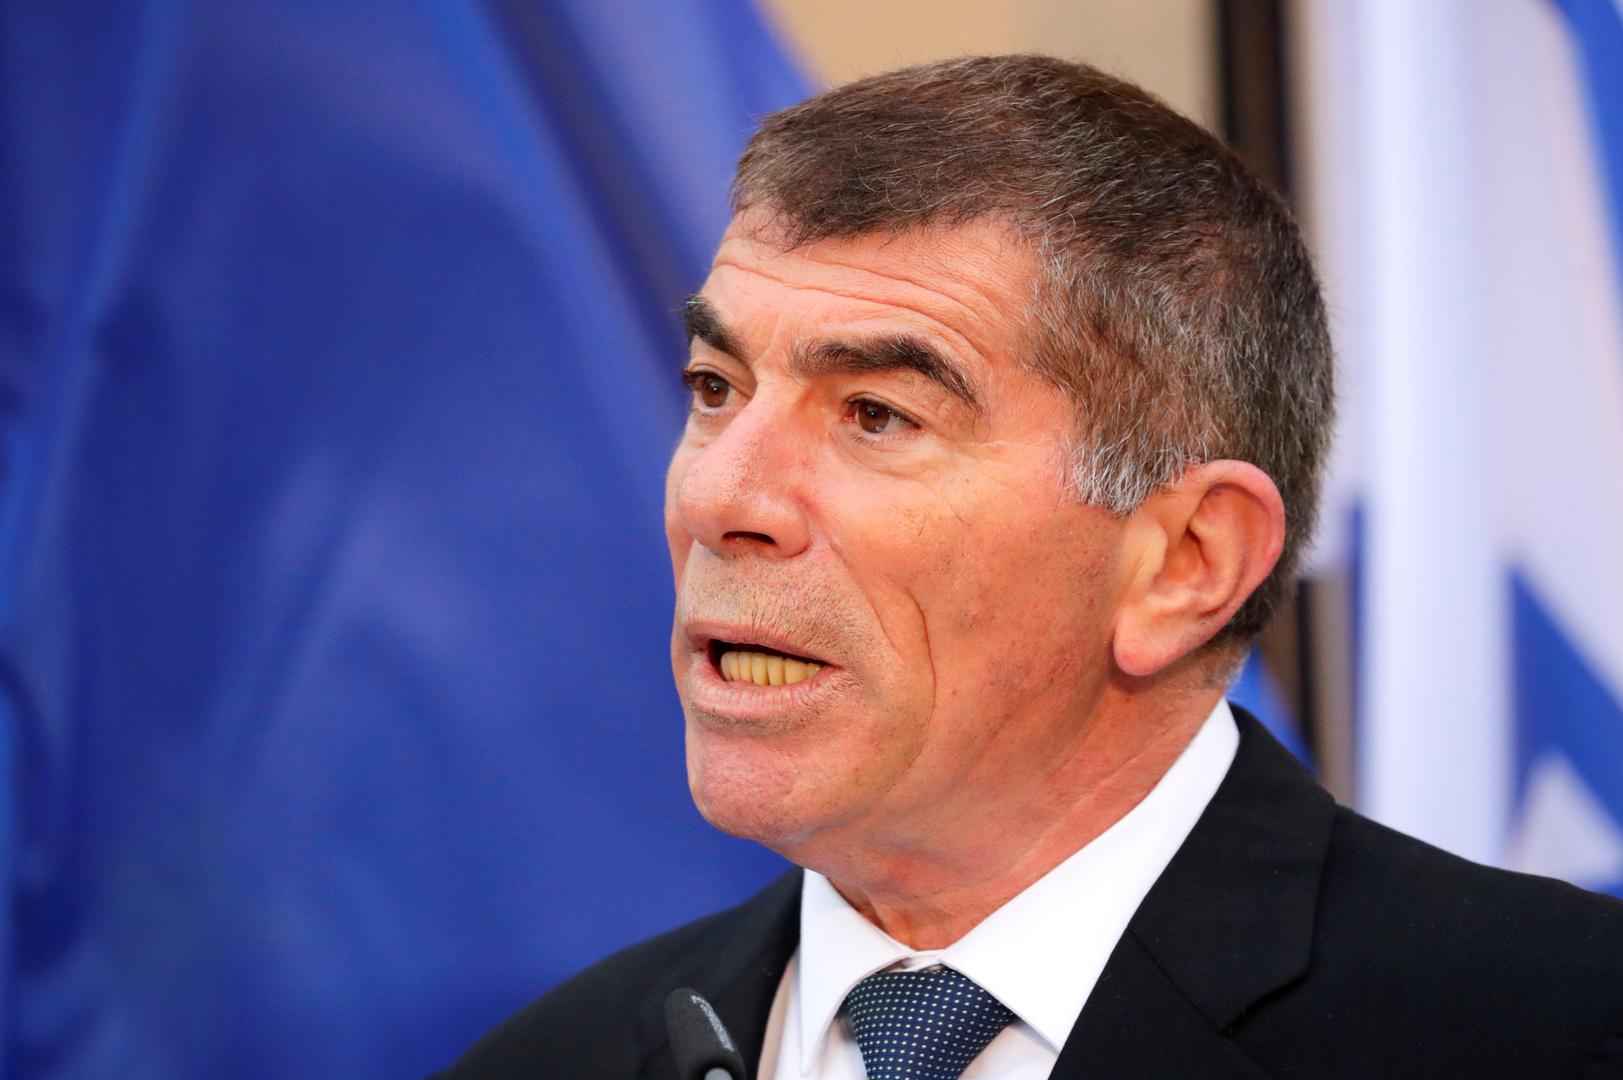 وزيرا خارجية الأردن وإسرائيل يبحثان جهود إعادة إطلاق مفاوضات السلام